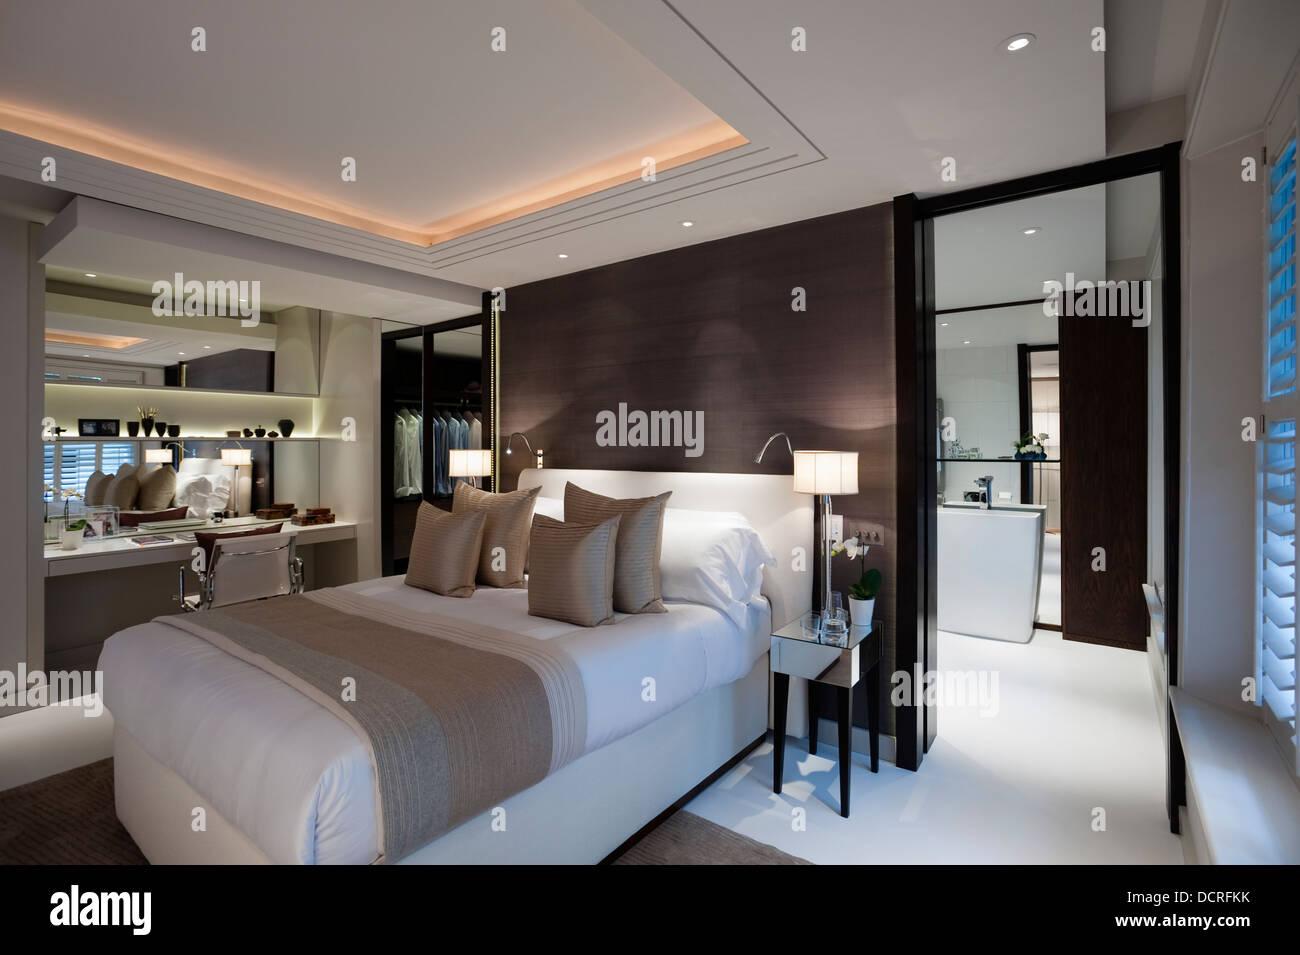 Schlafzimmer der Stadt London Wohnung mit Bad/Dusche/WC und ...